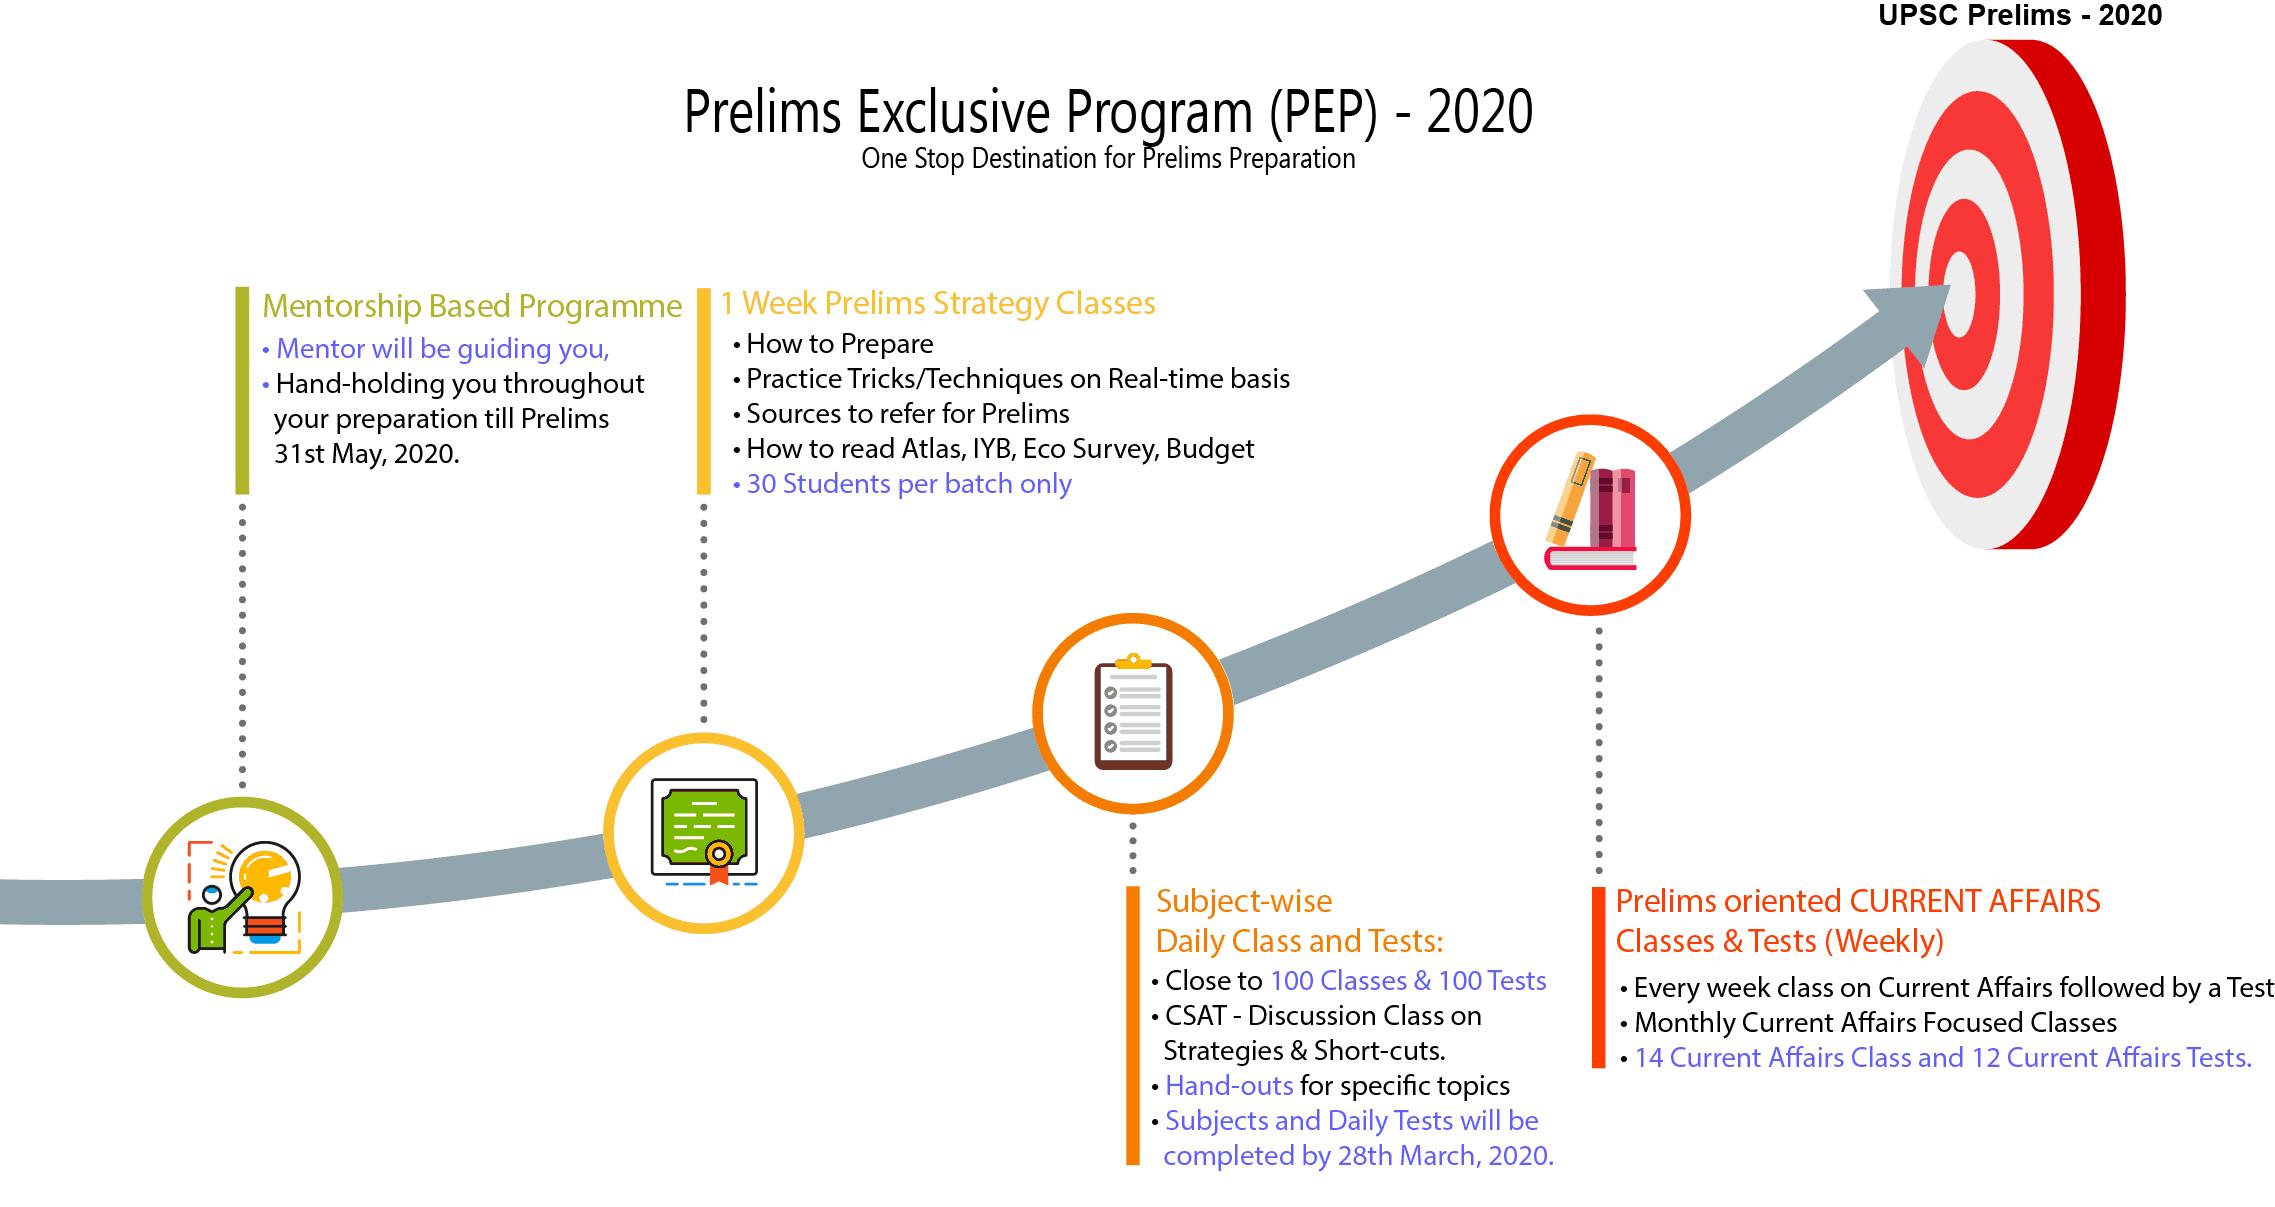 PEP - Process